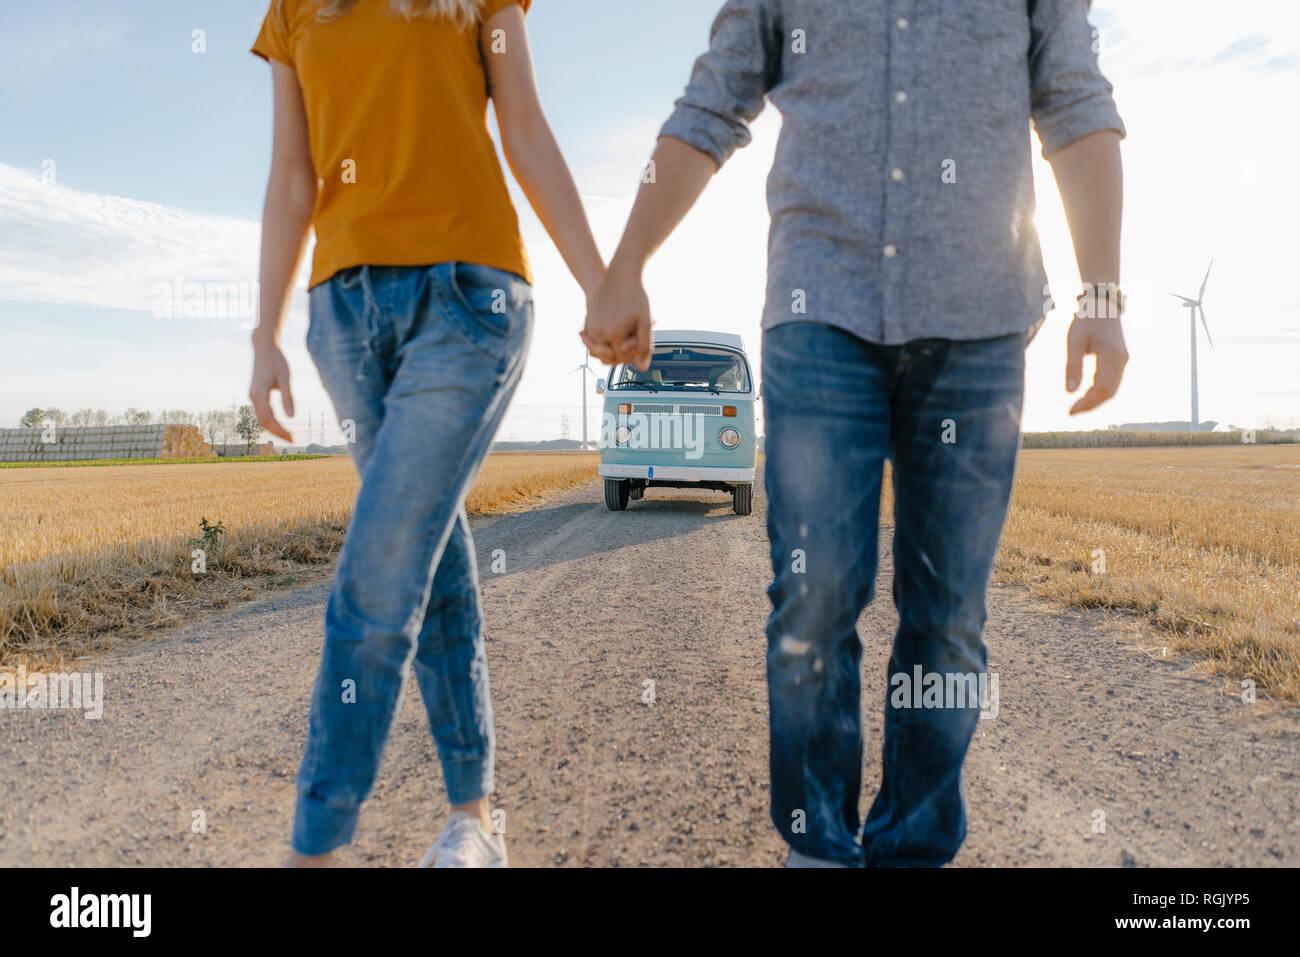 Cerca de la pareja caminando por pista de tierra en autocaravana en paisaje rural Foto de stock